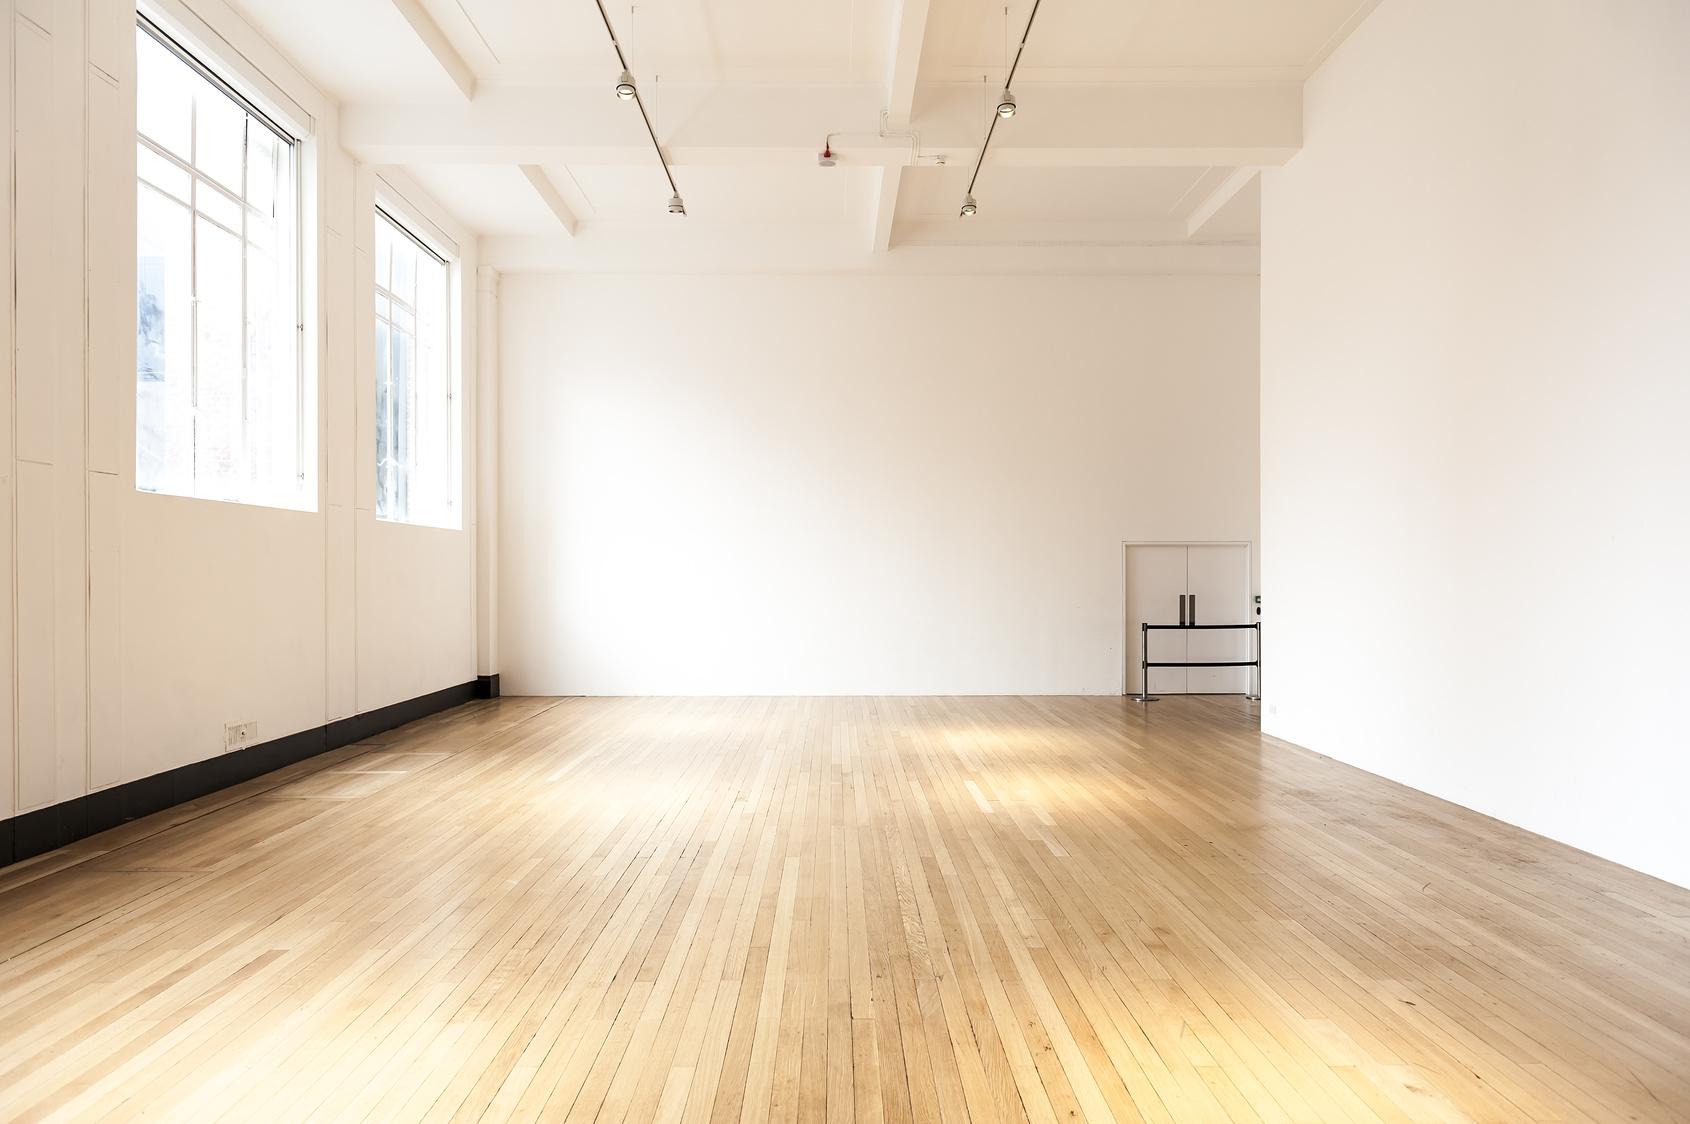 Comment Isoler Un Plafond Contre Le Bruit l'isolation phonique d'un plancher en bois